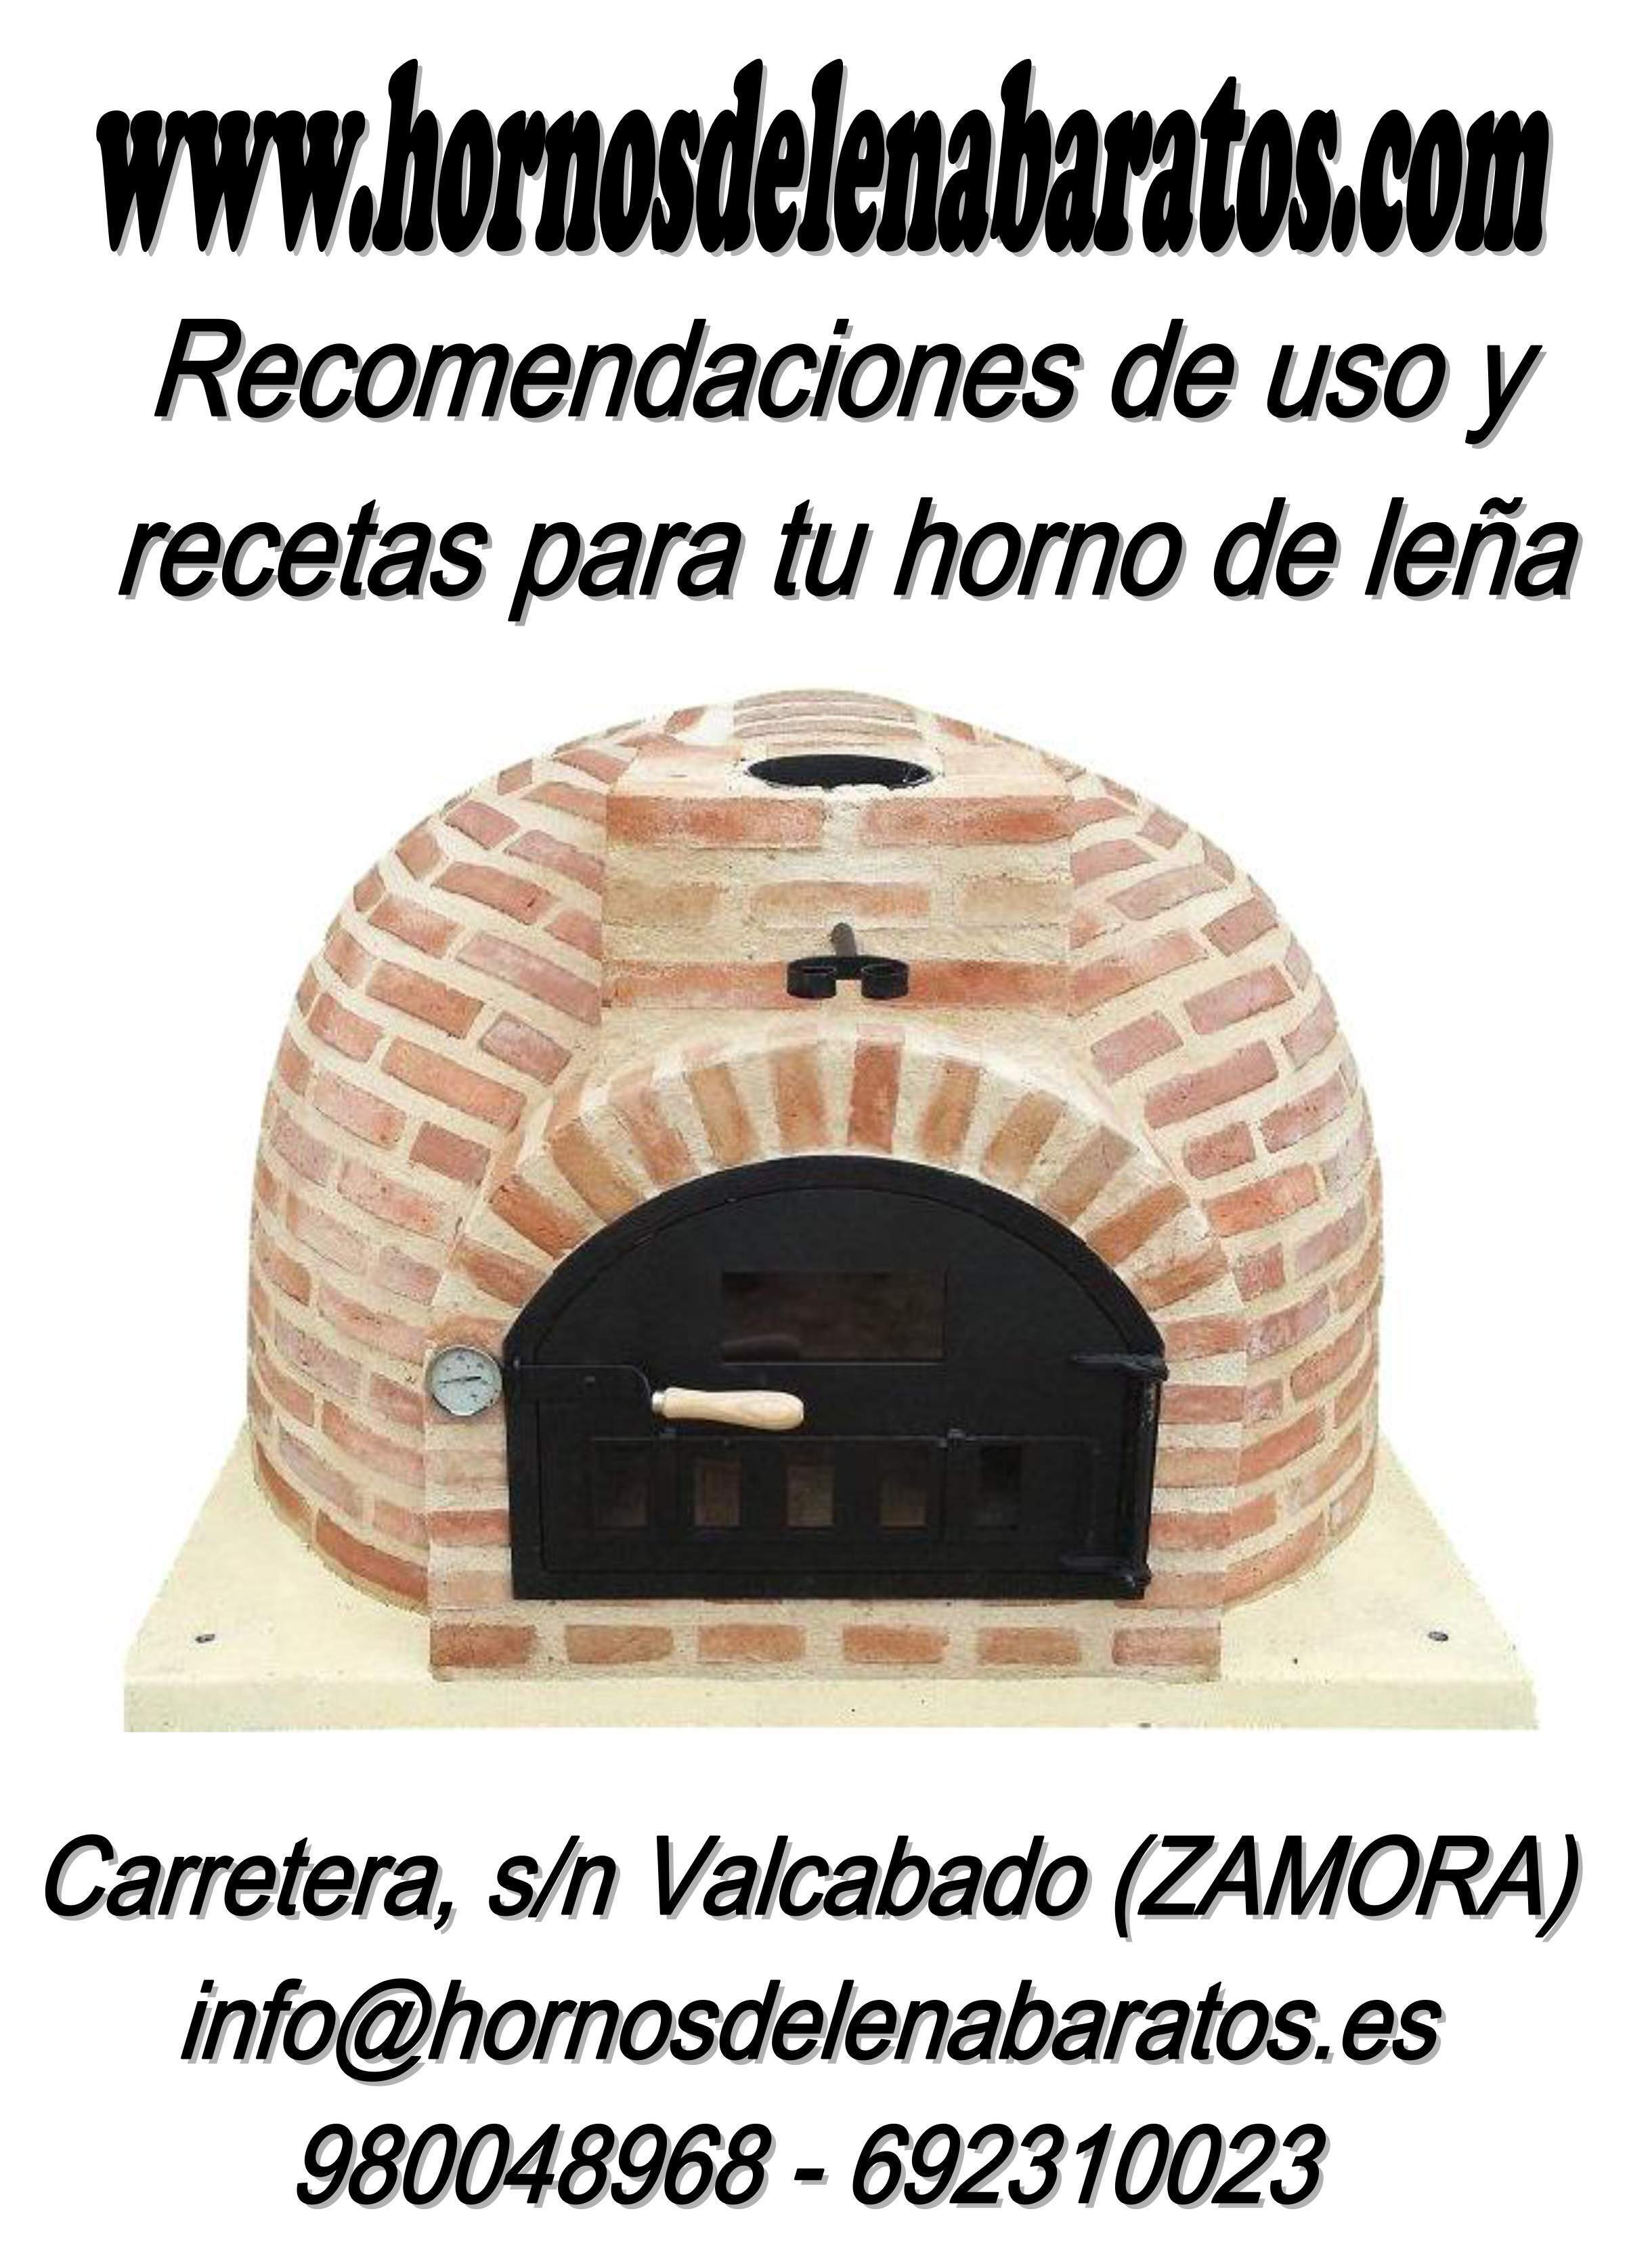 Recetario hornos de le a baratos for Hornos piroliticos baratos